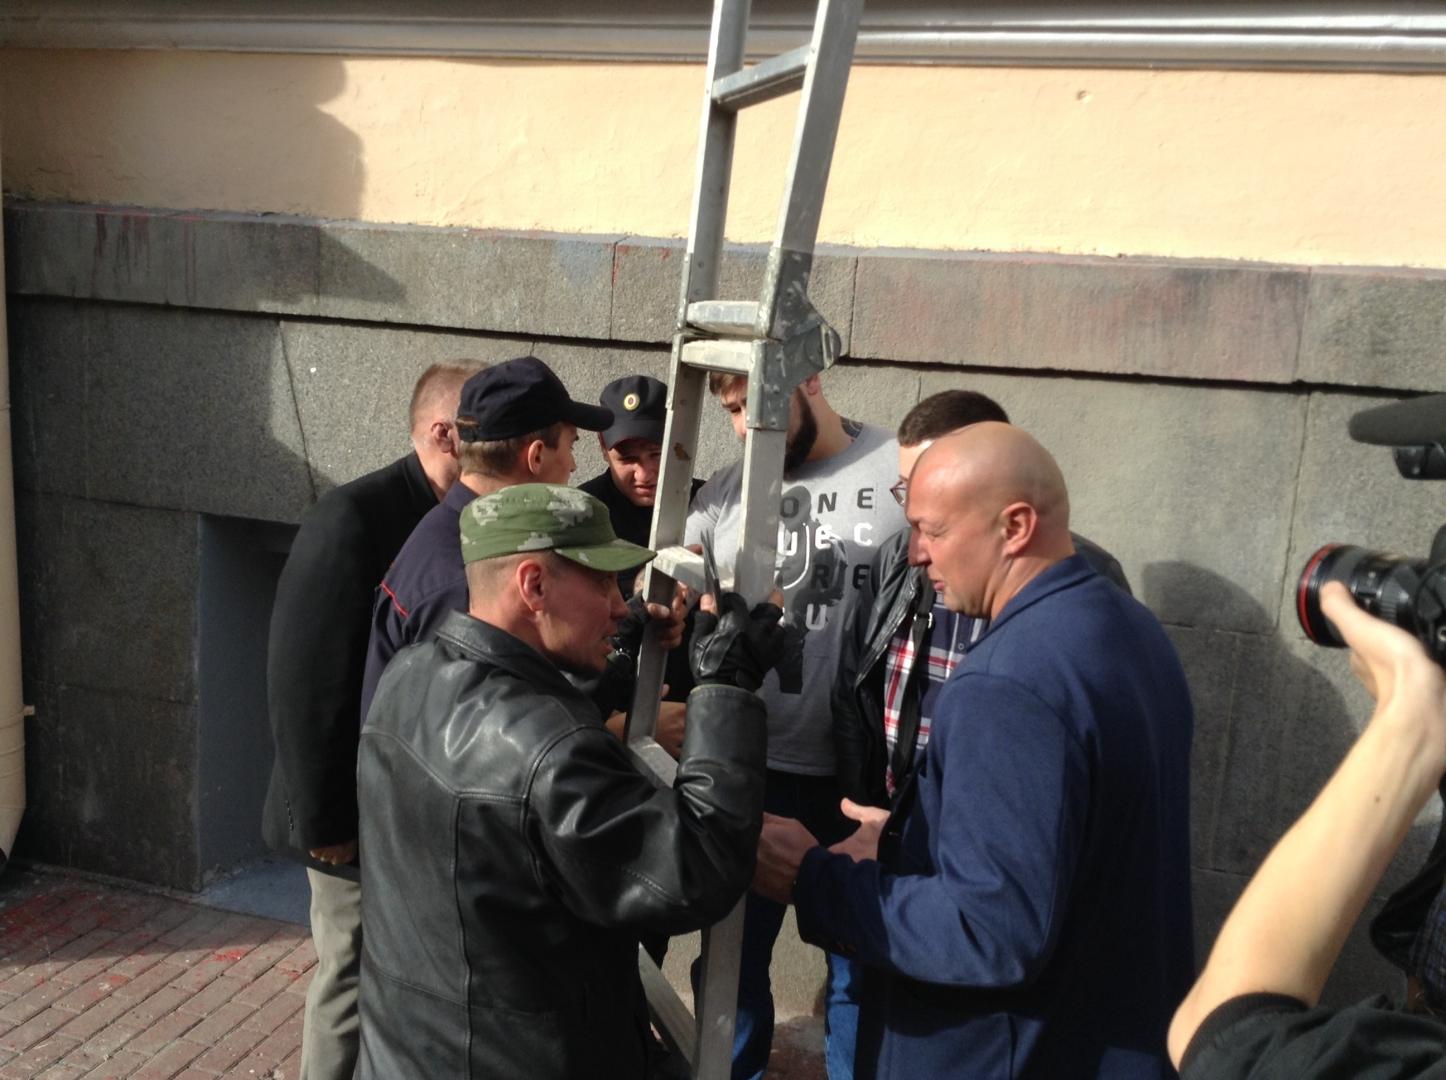 Группа неизвестных лиц вступила в перебранку с пикетчиками